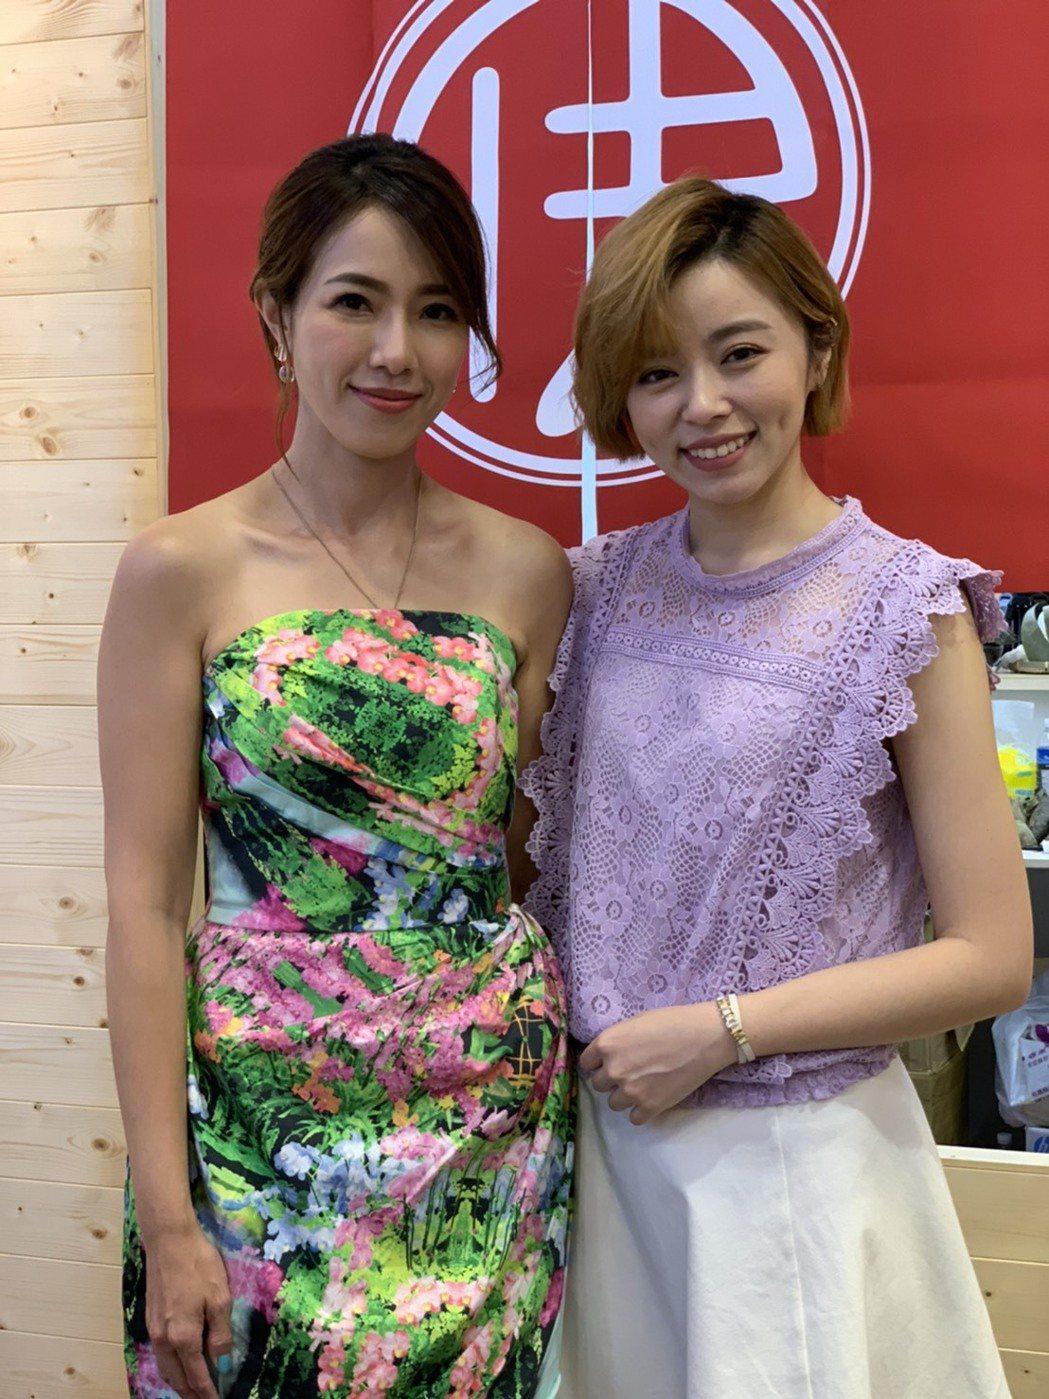 王瞳(右)、黃瑄出席加盟創業大展夏季展。記者陳慧貞/攝影